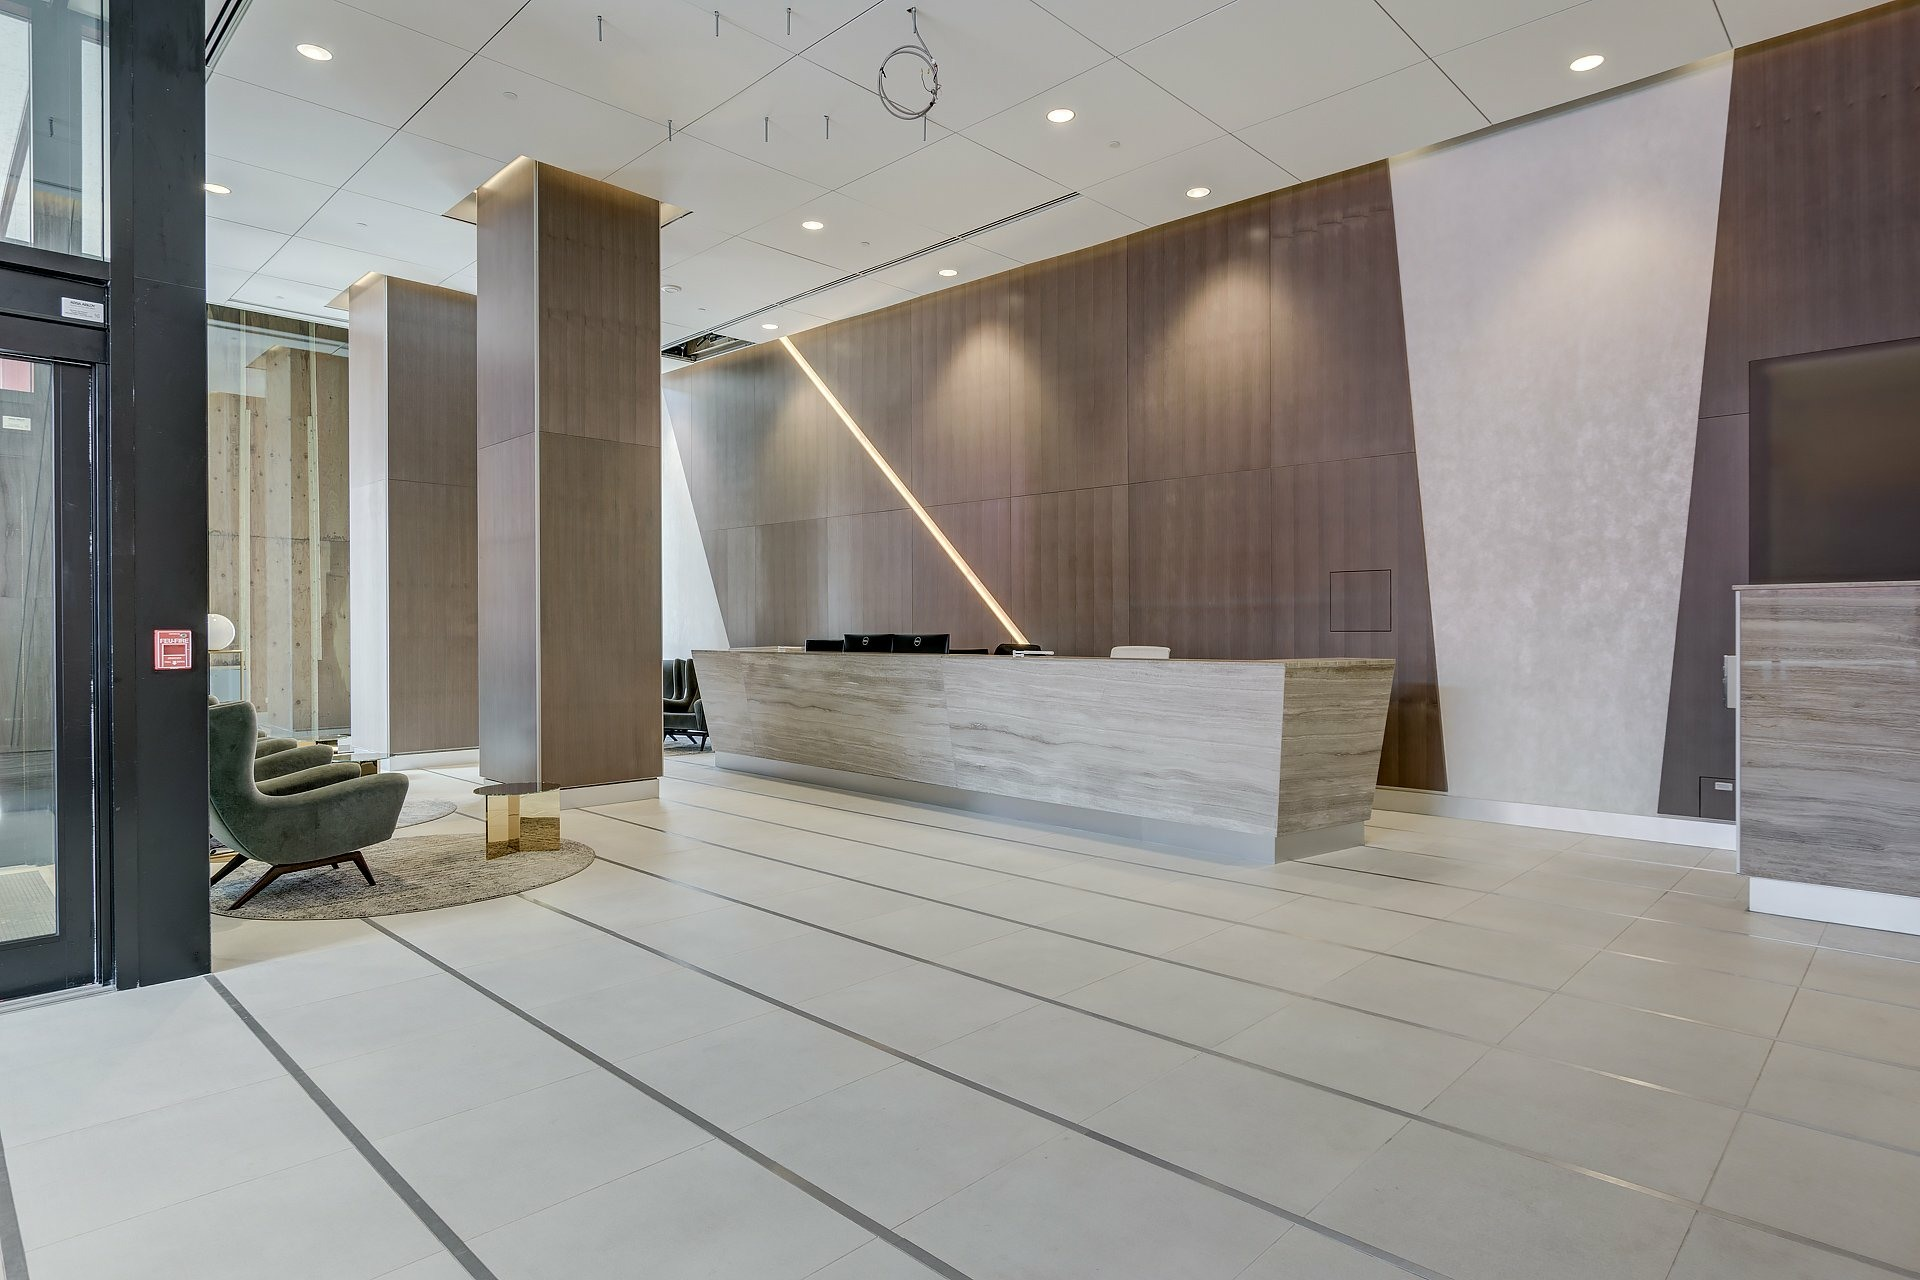 image 15 - Apartment For rent Ville-Marie Montréal  - 4 rooms